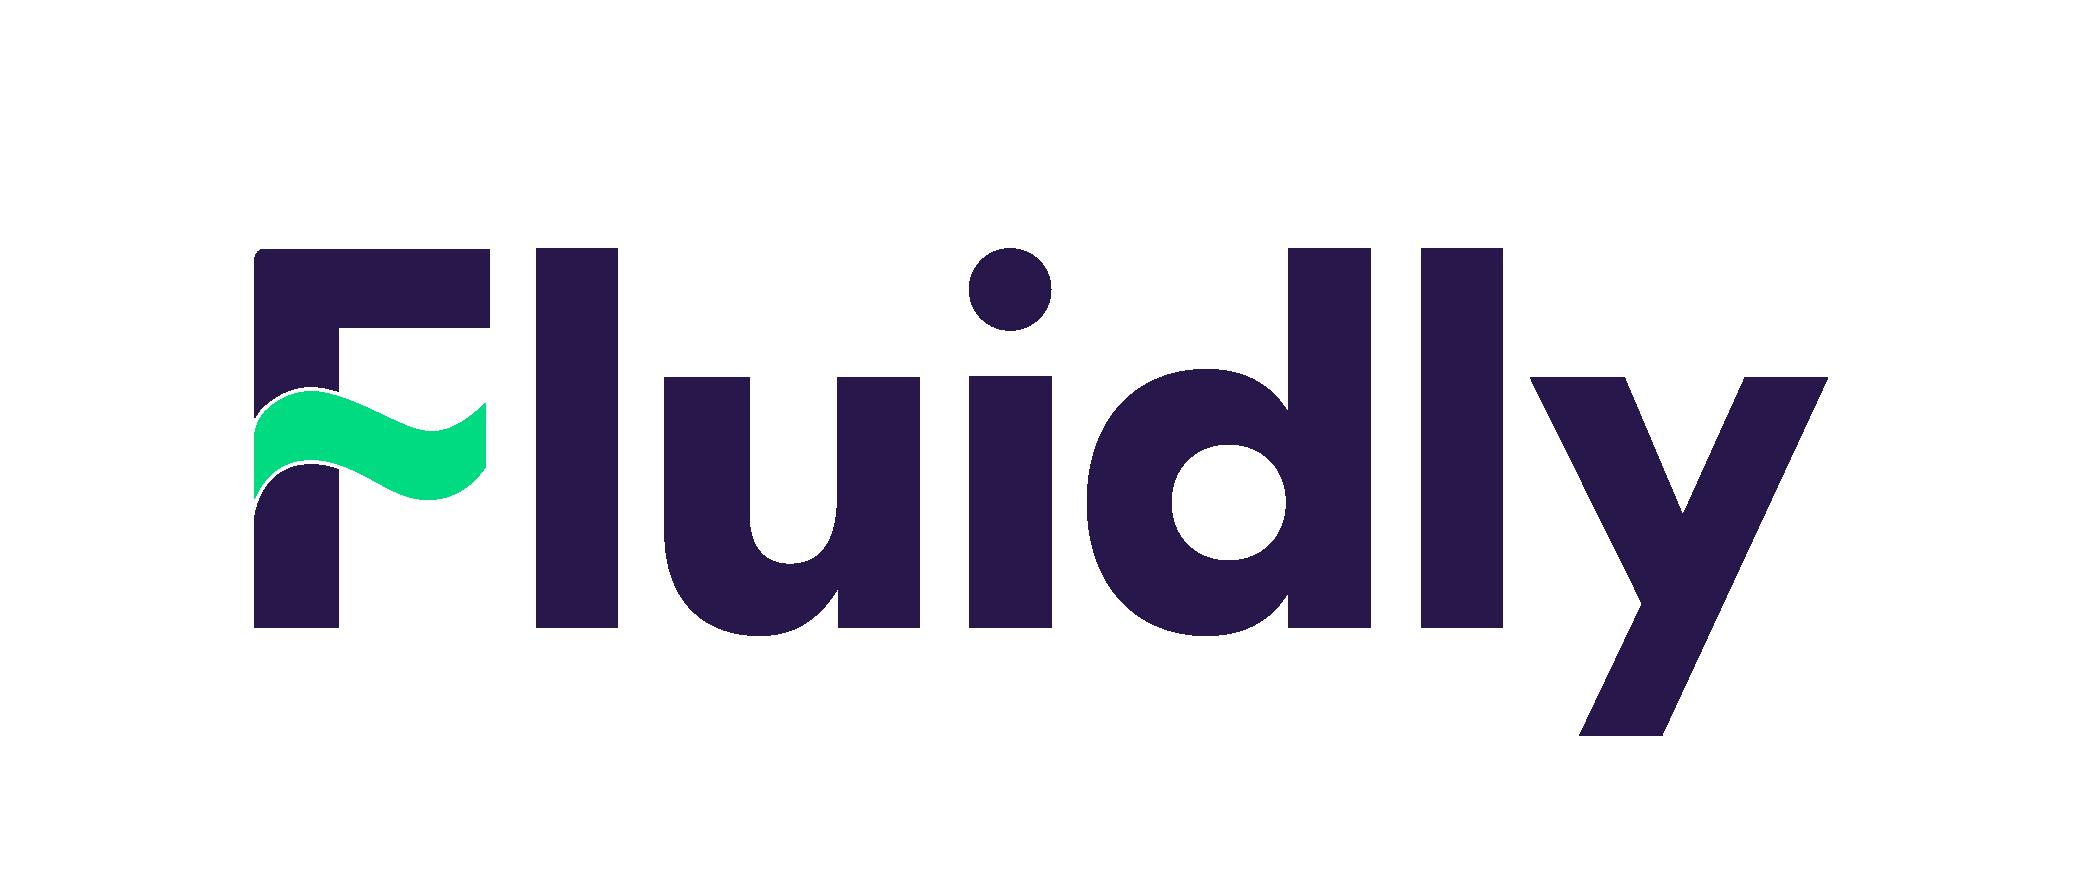 RGB_PurpleGreen_FLUIDLY_PURPLEGREEN